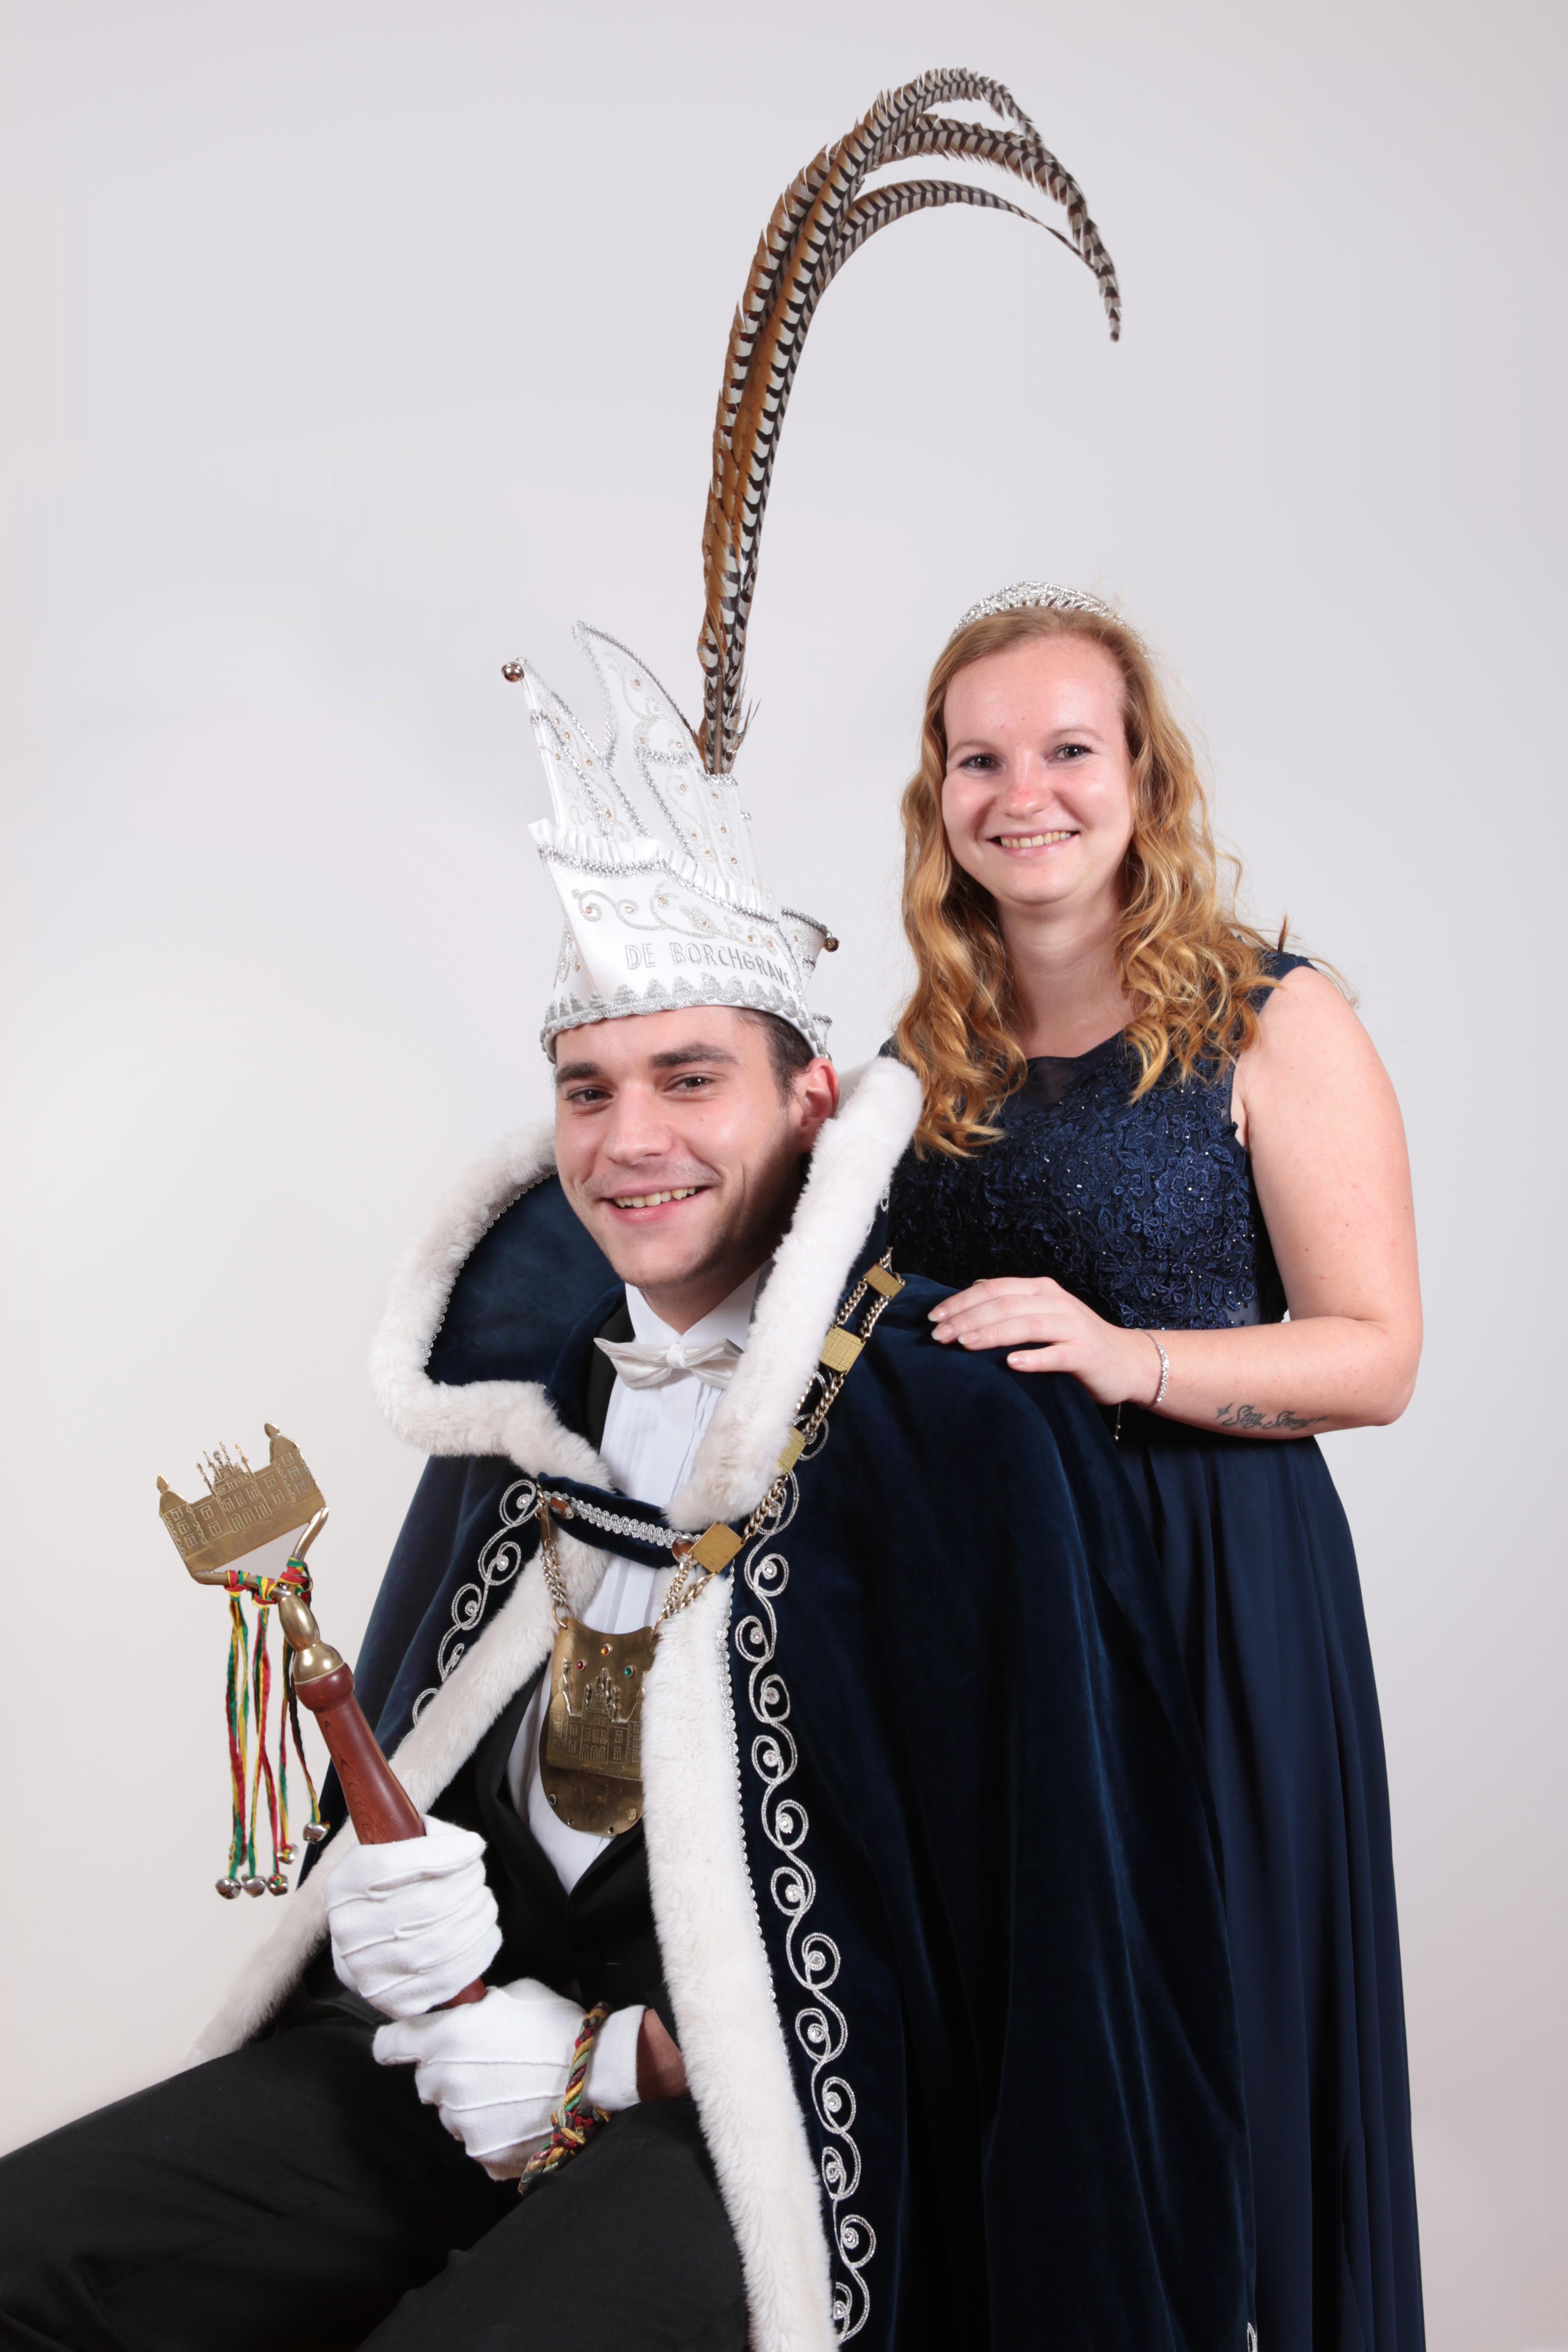 Jeffrey en Zenna uitgeroepen tot prinsenpaar!!